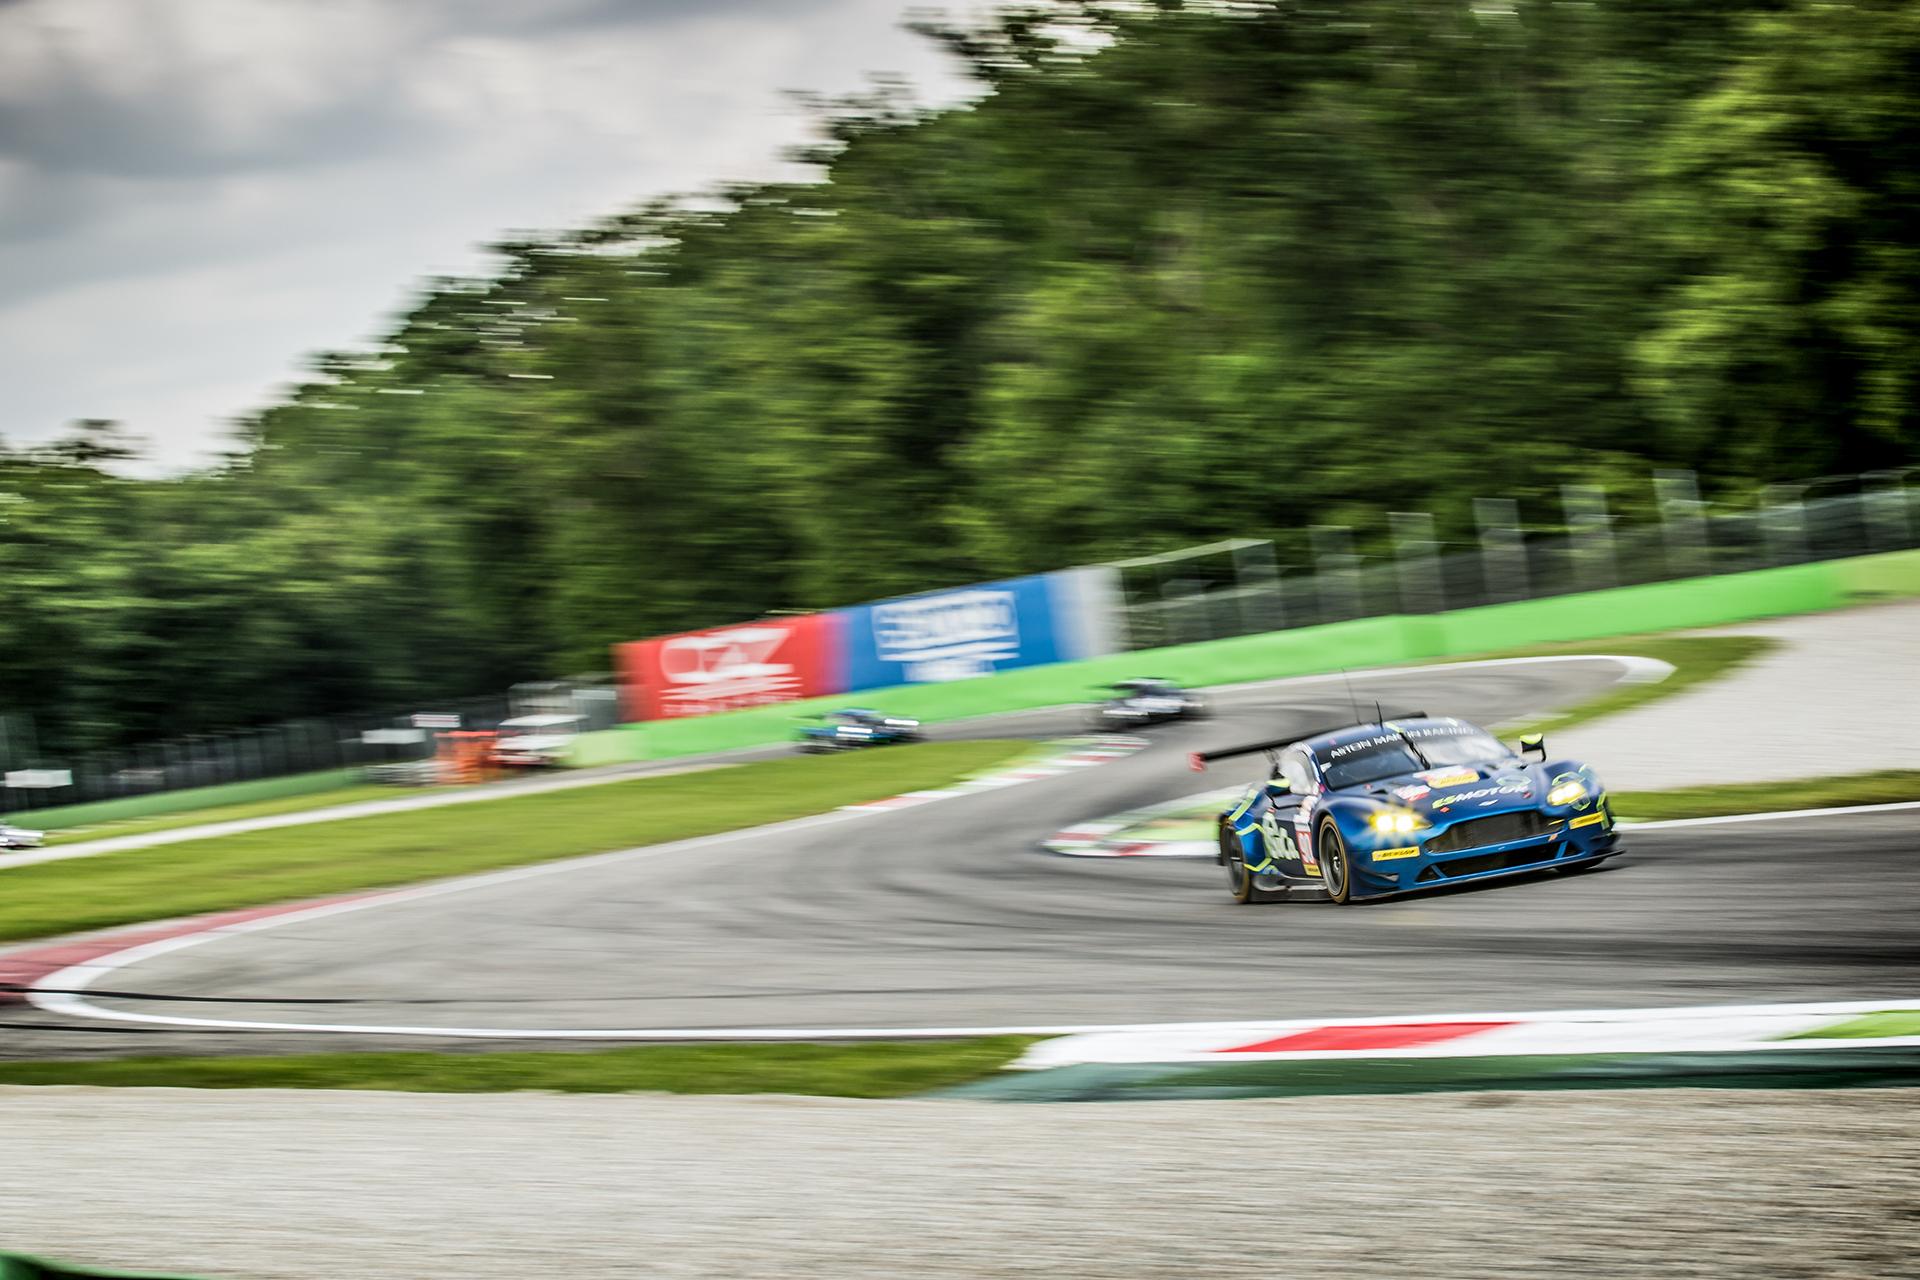 2017-ELMS-4Hrs-Monza-74276.jpg